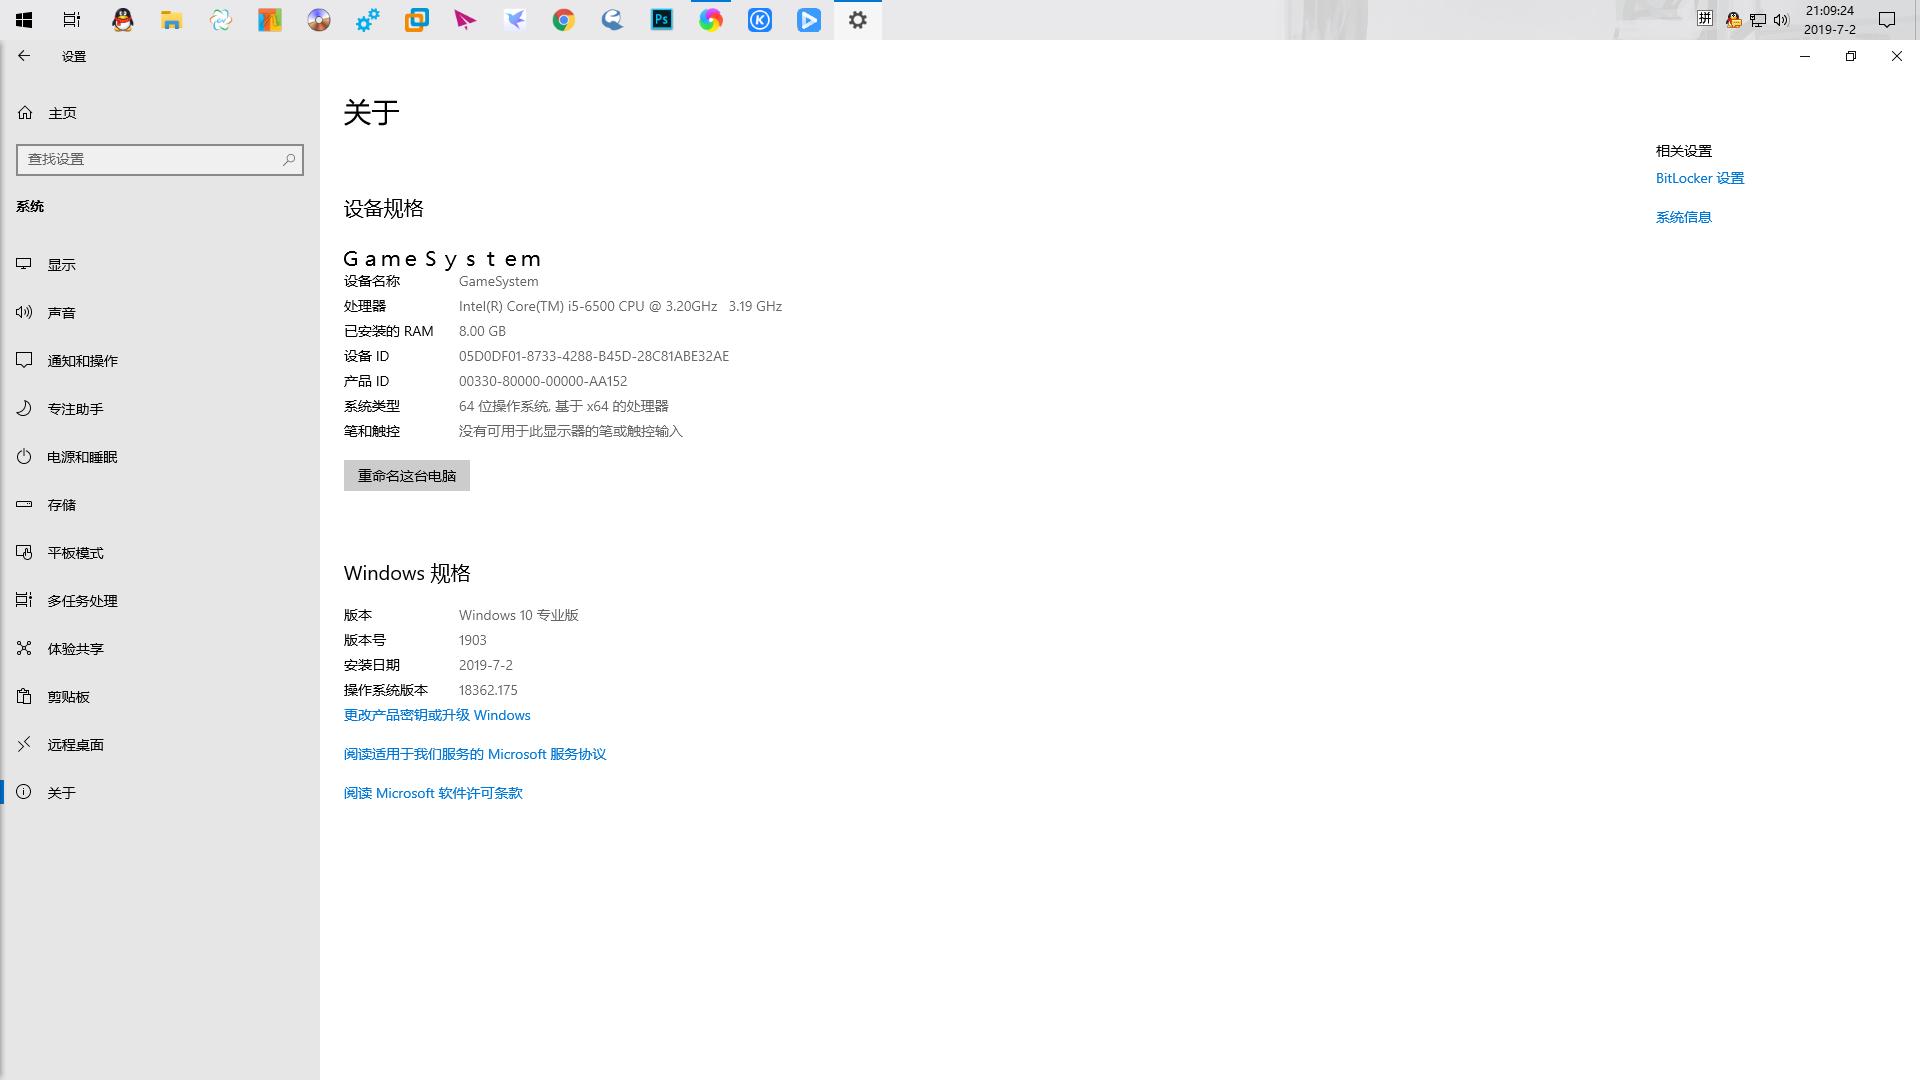 【木西】Windows 1903专业版 超级流畅@值得体验的一款系统@